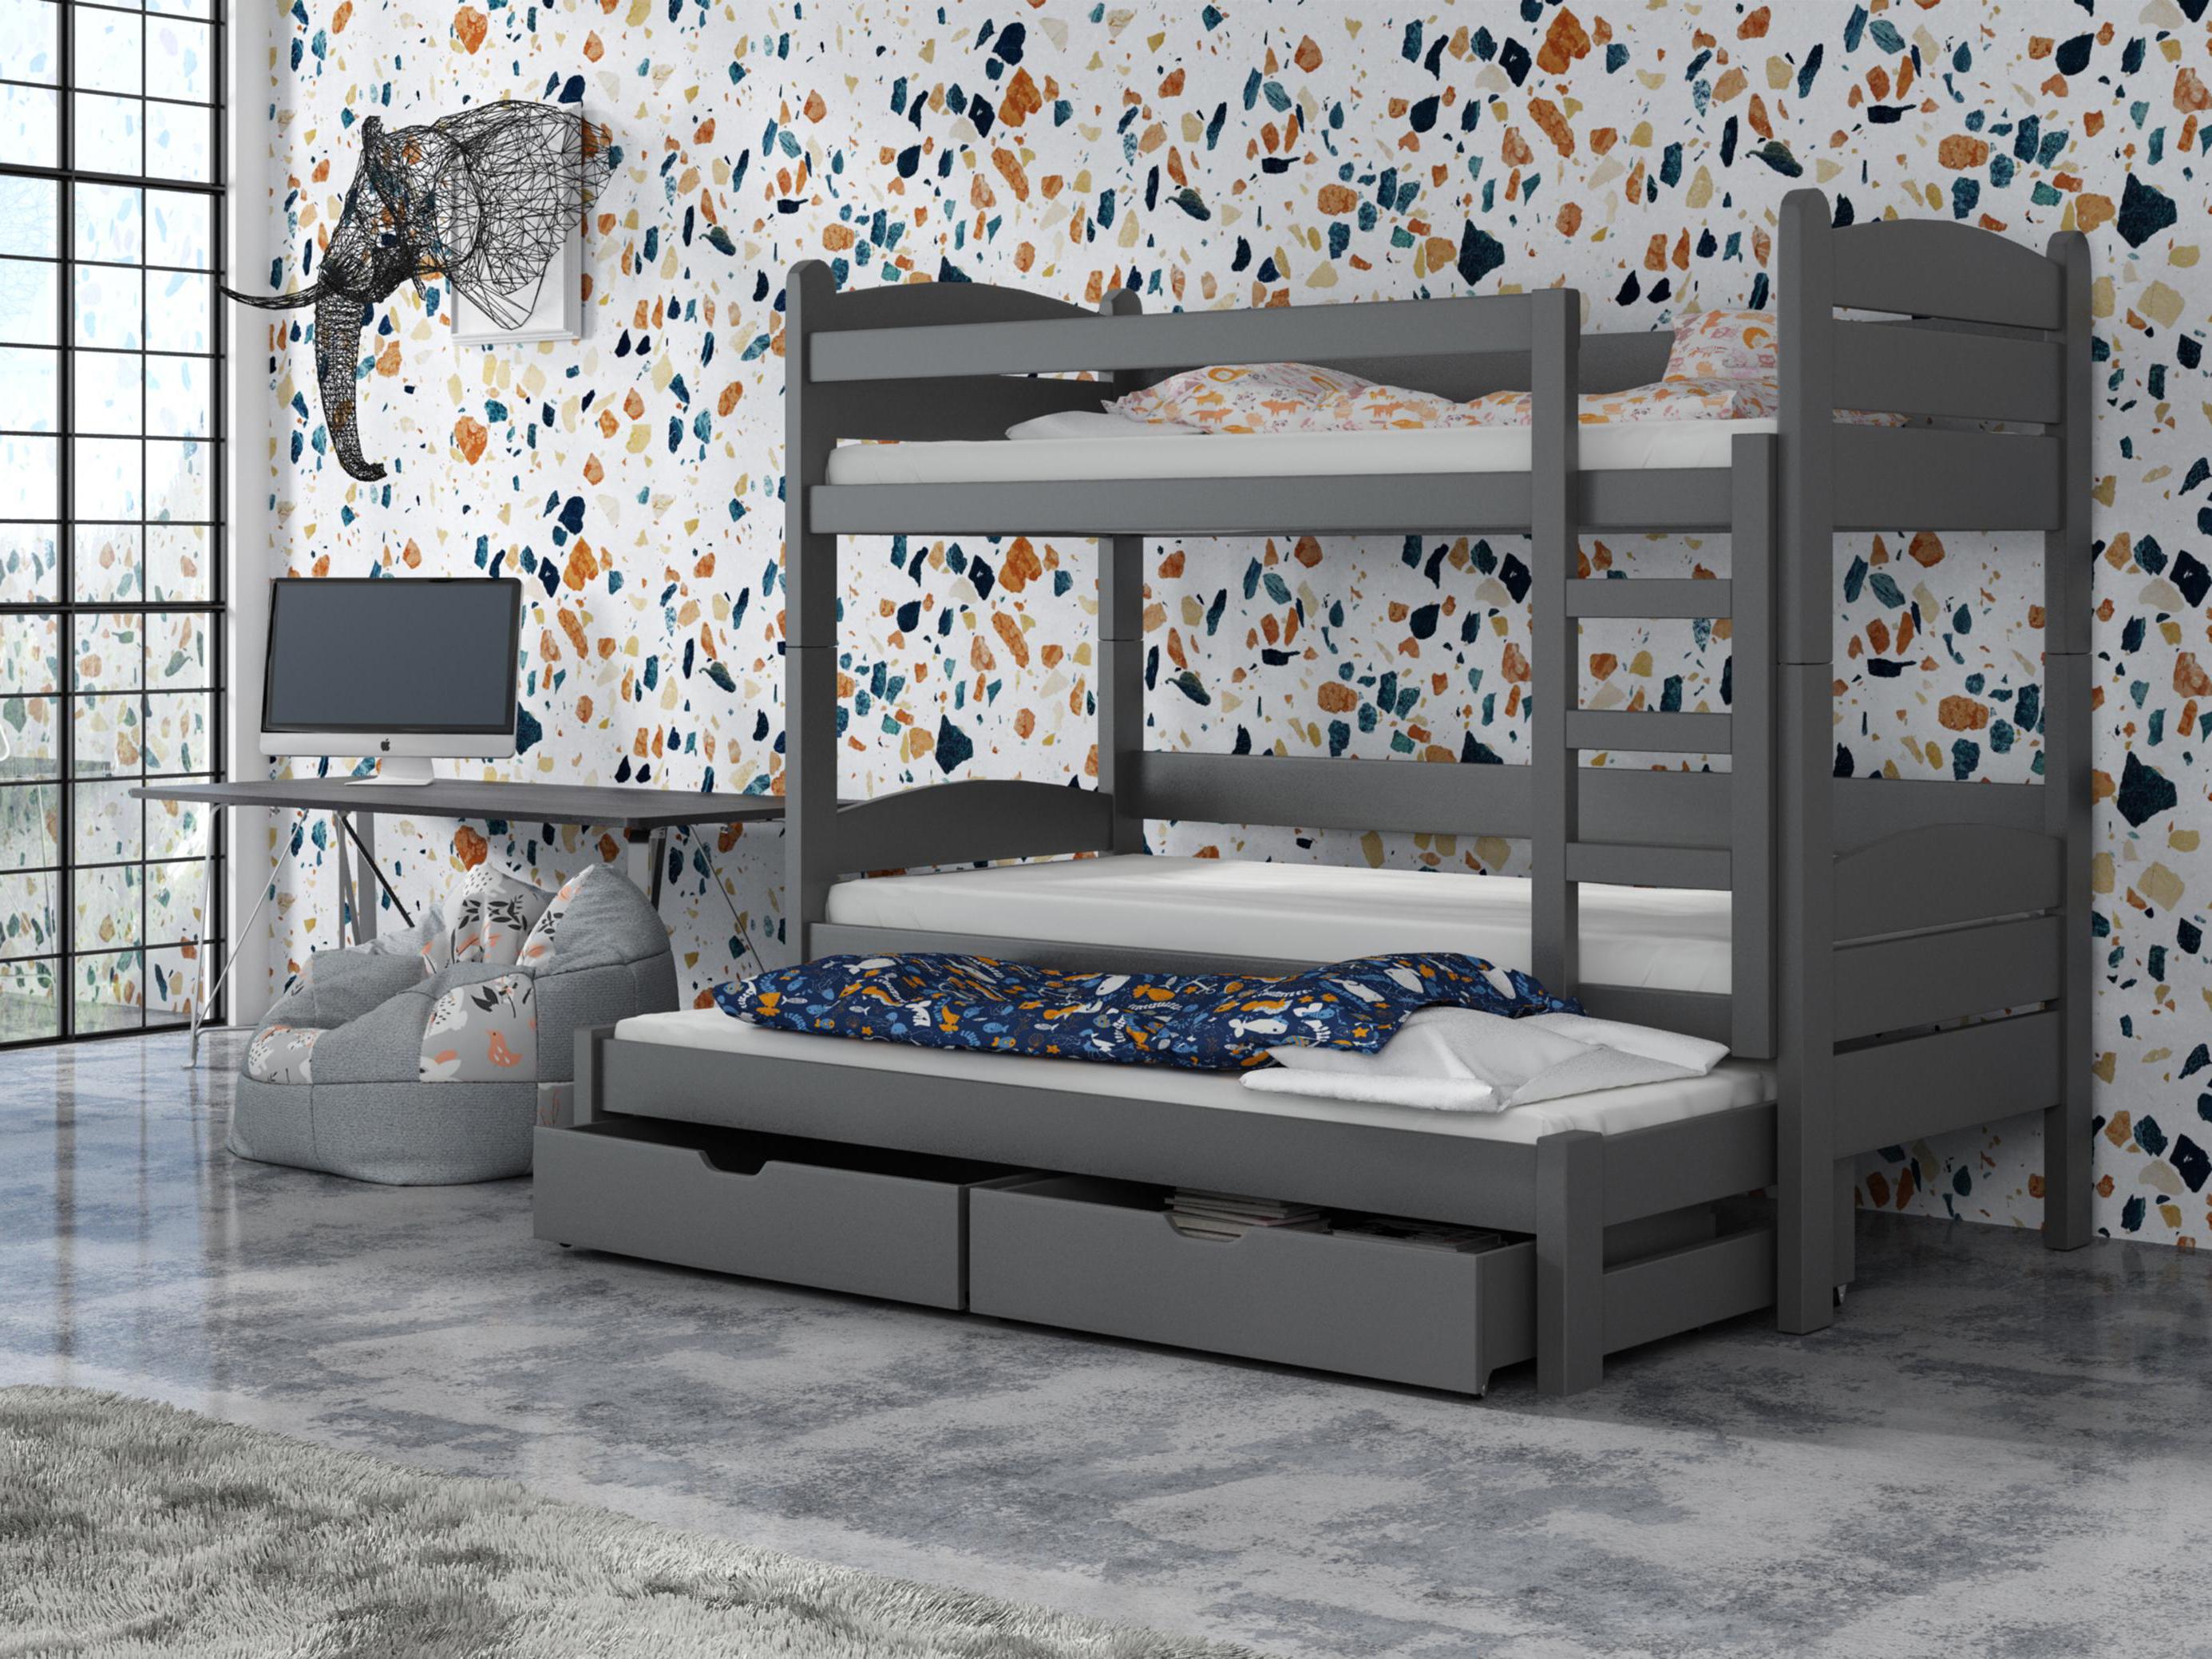 Detská poschodová posteľ 90 cm - Celsa (grafit). Akcia -33%. Vlastná spoľahlivá doprava až k Vám domov.